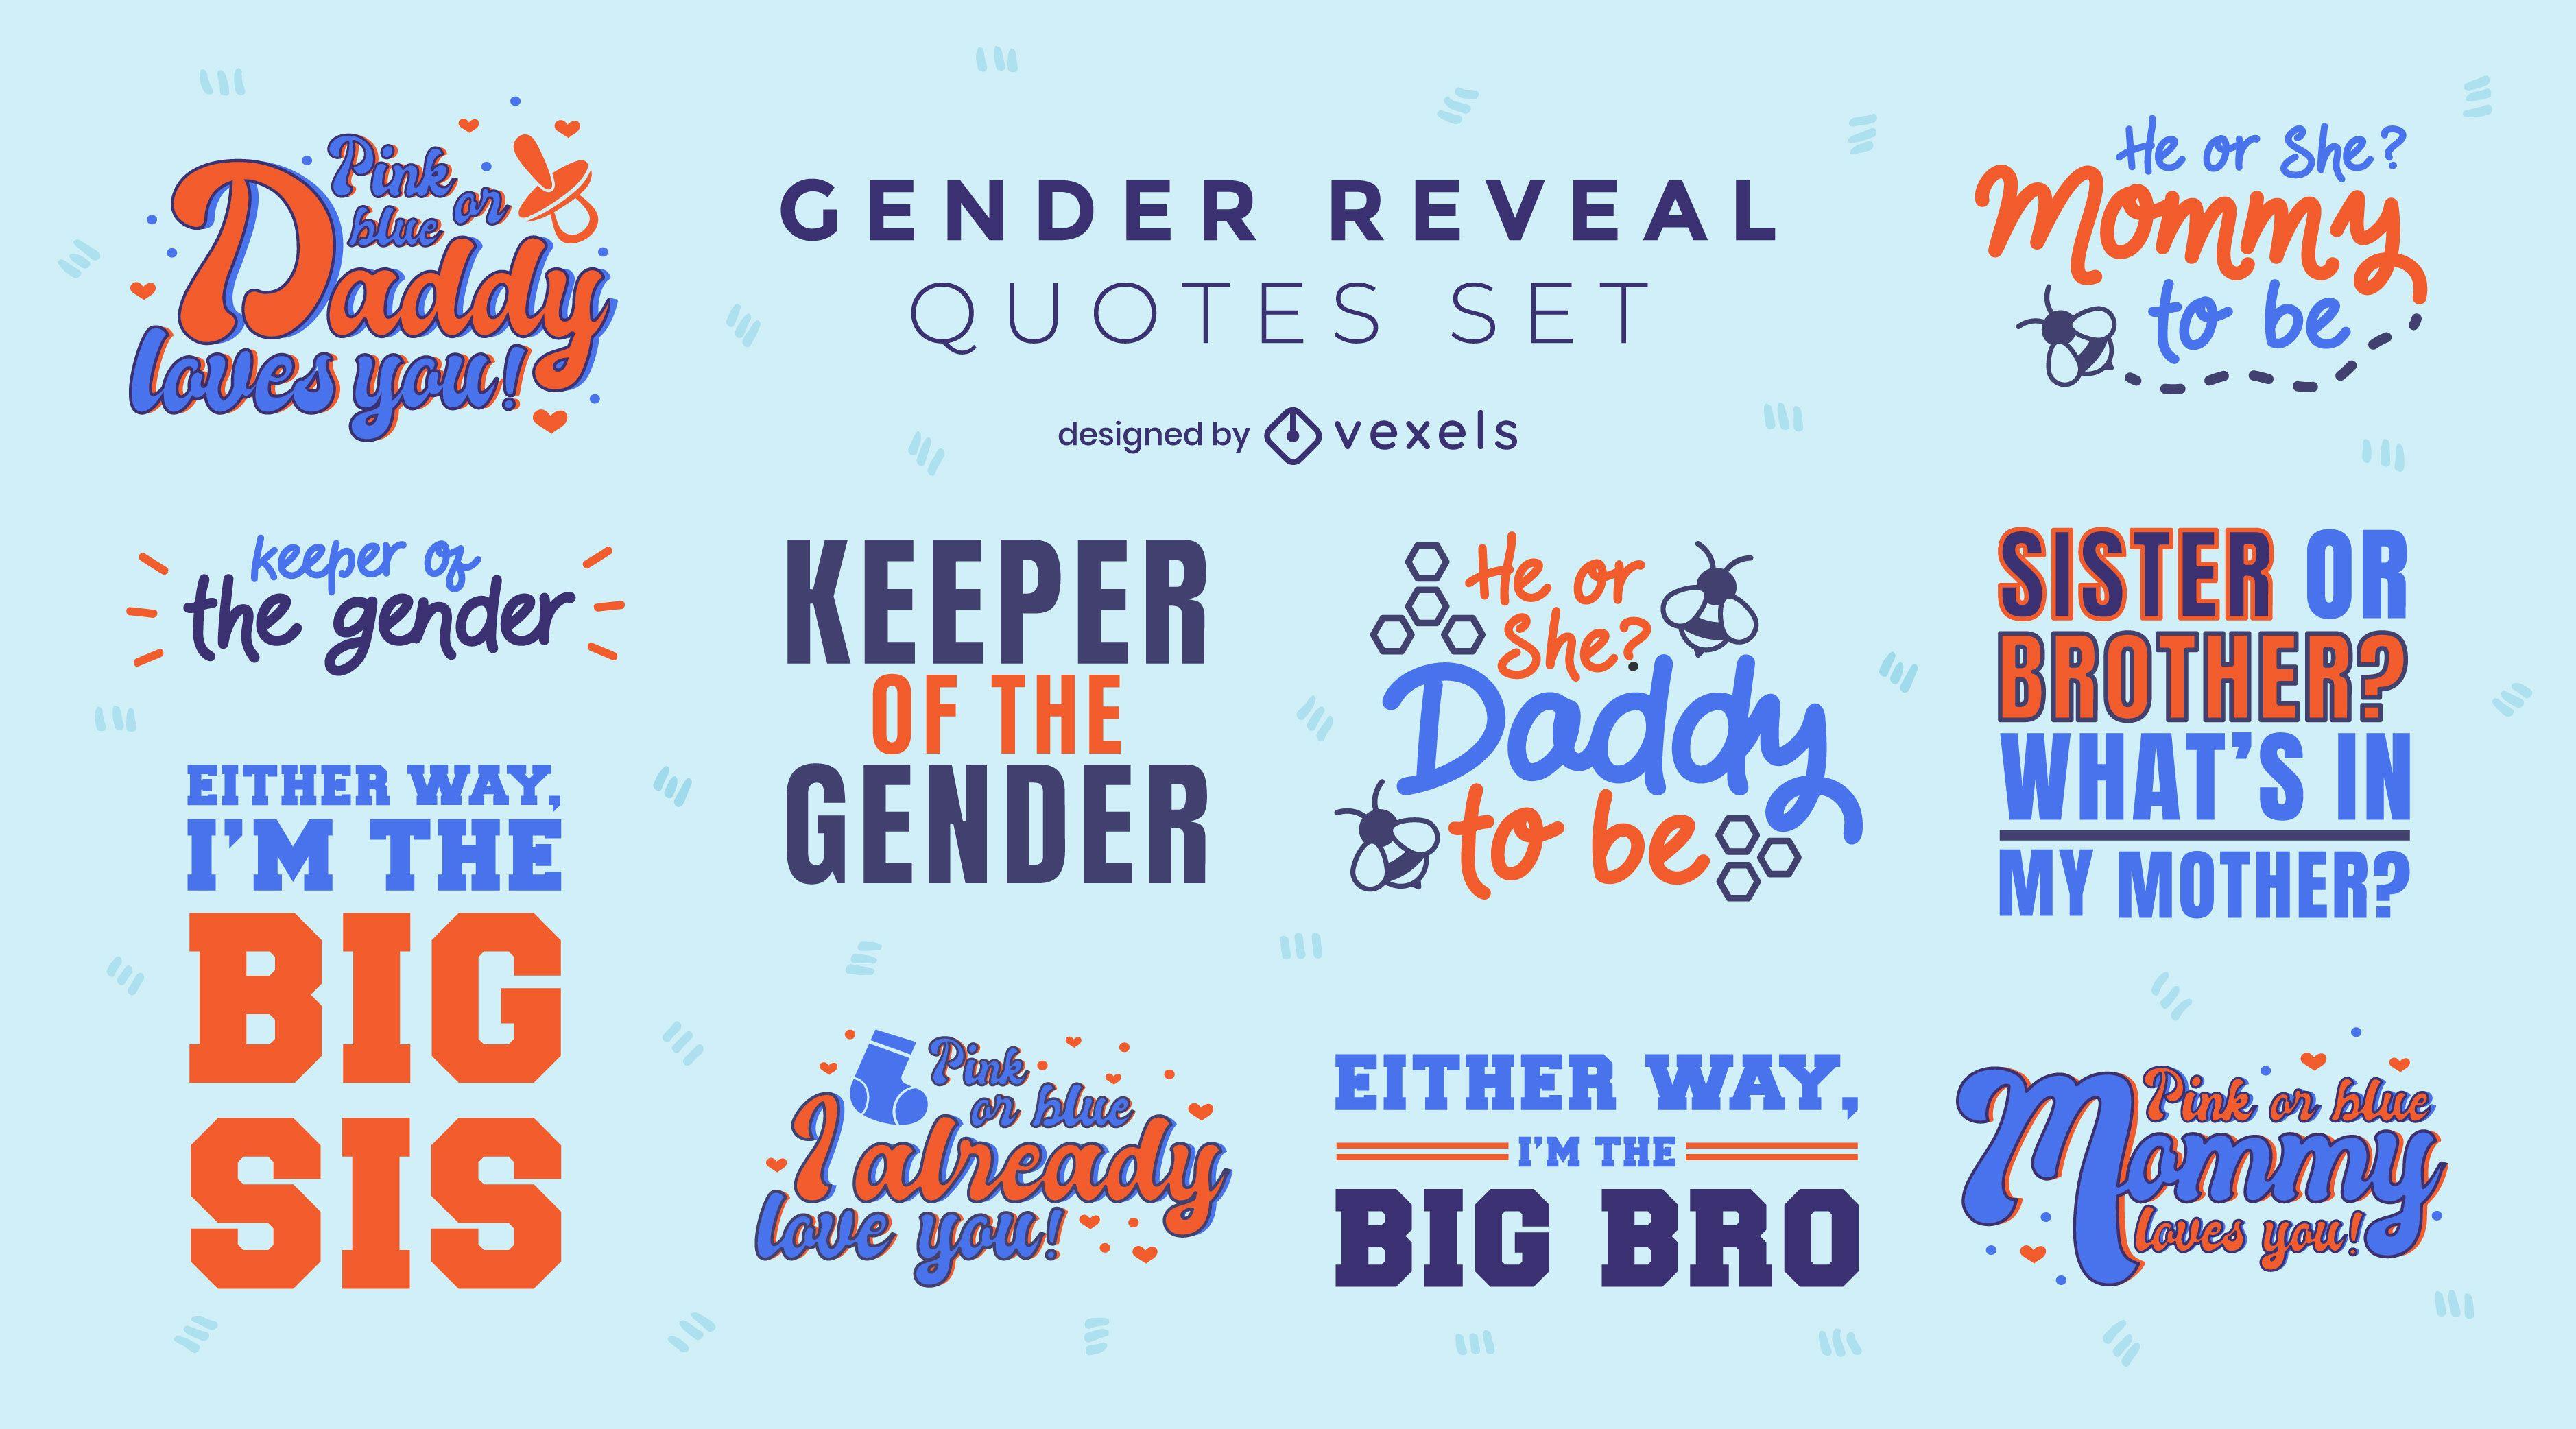 Conjunto de letras de gênero para revelar citações